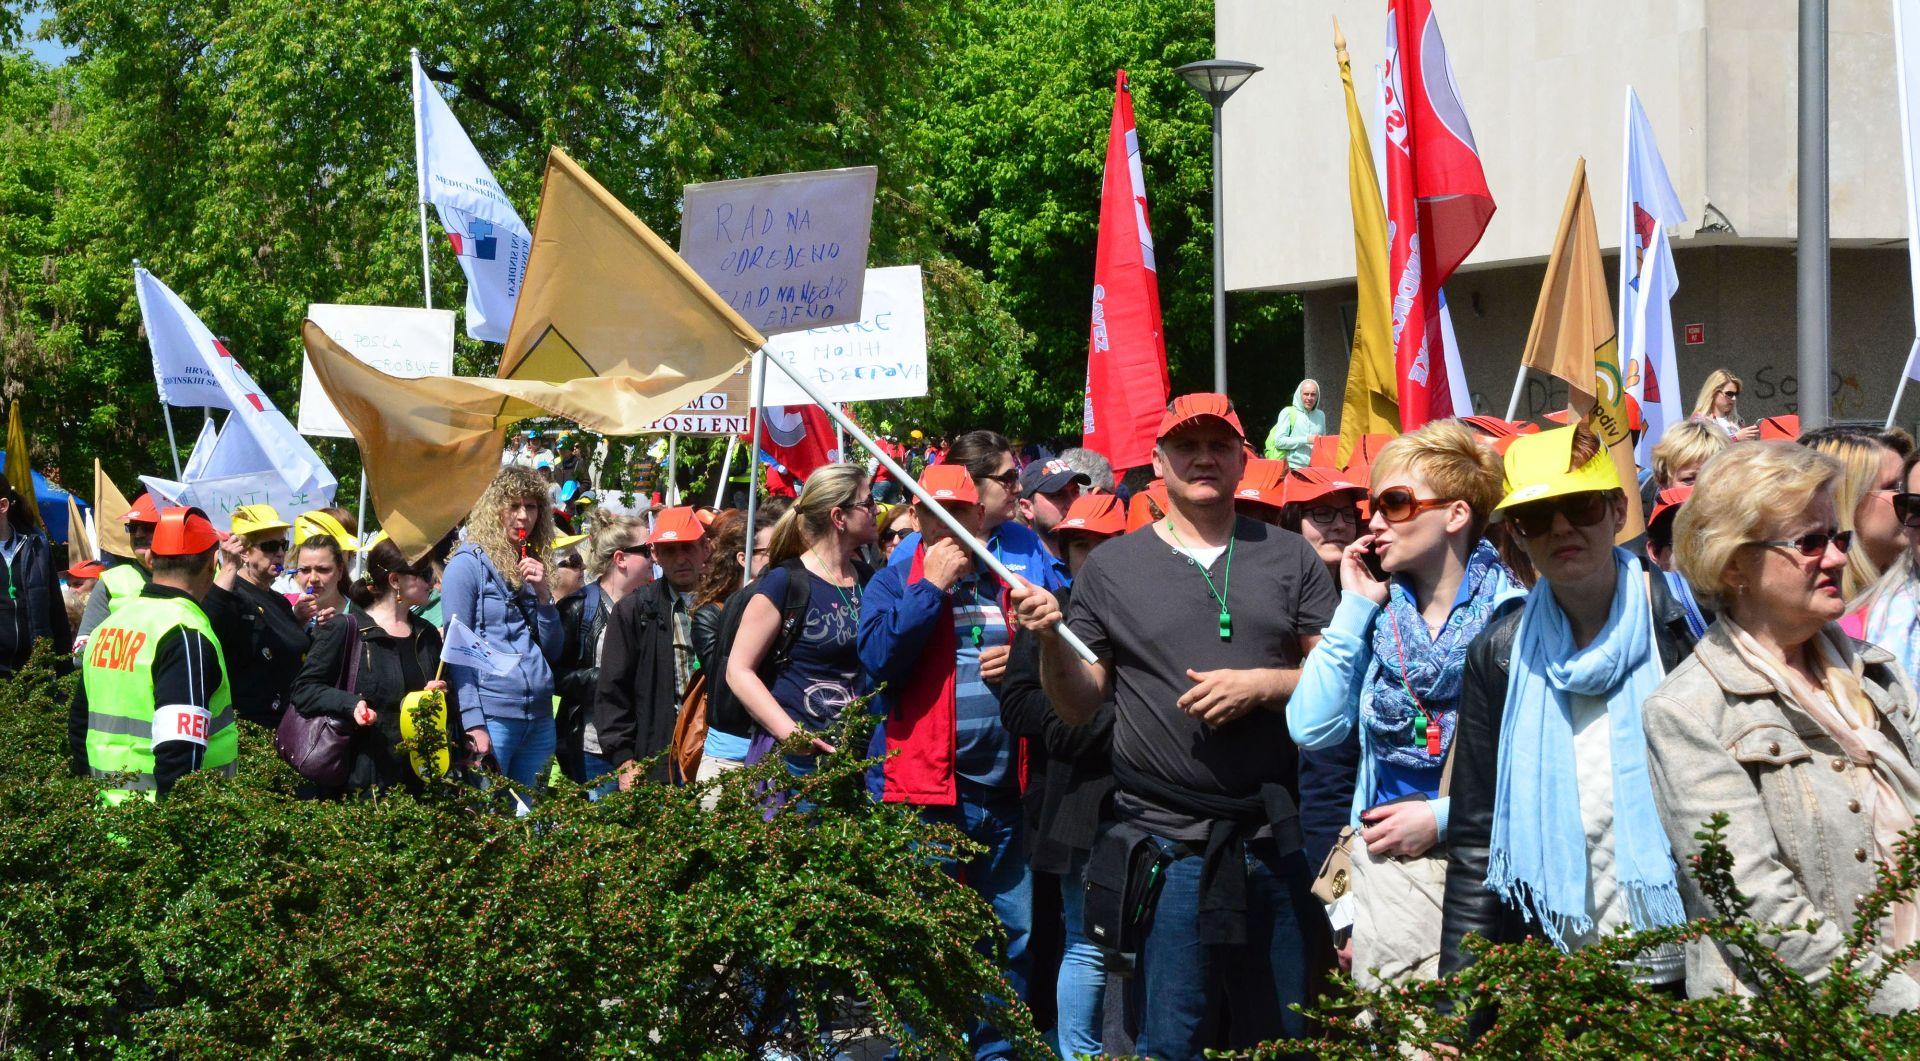 SLAVONSKI BROD Sindikati uputili Vladi zahtjev za većim plaćama